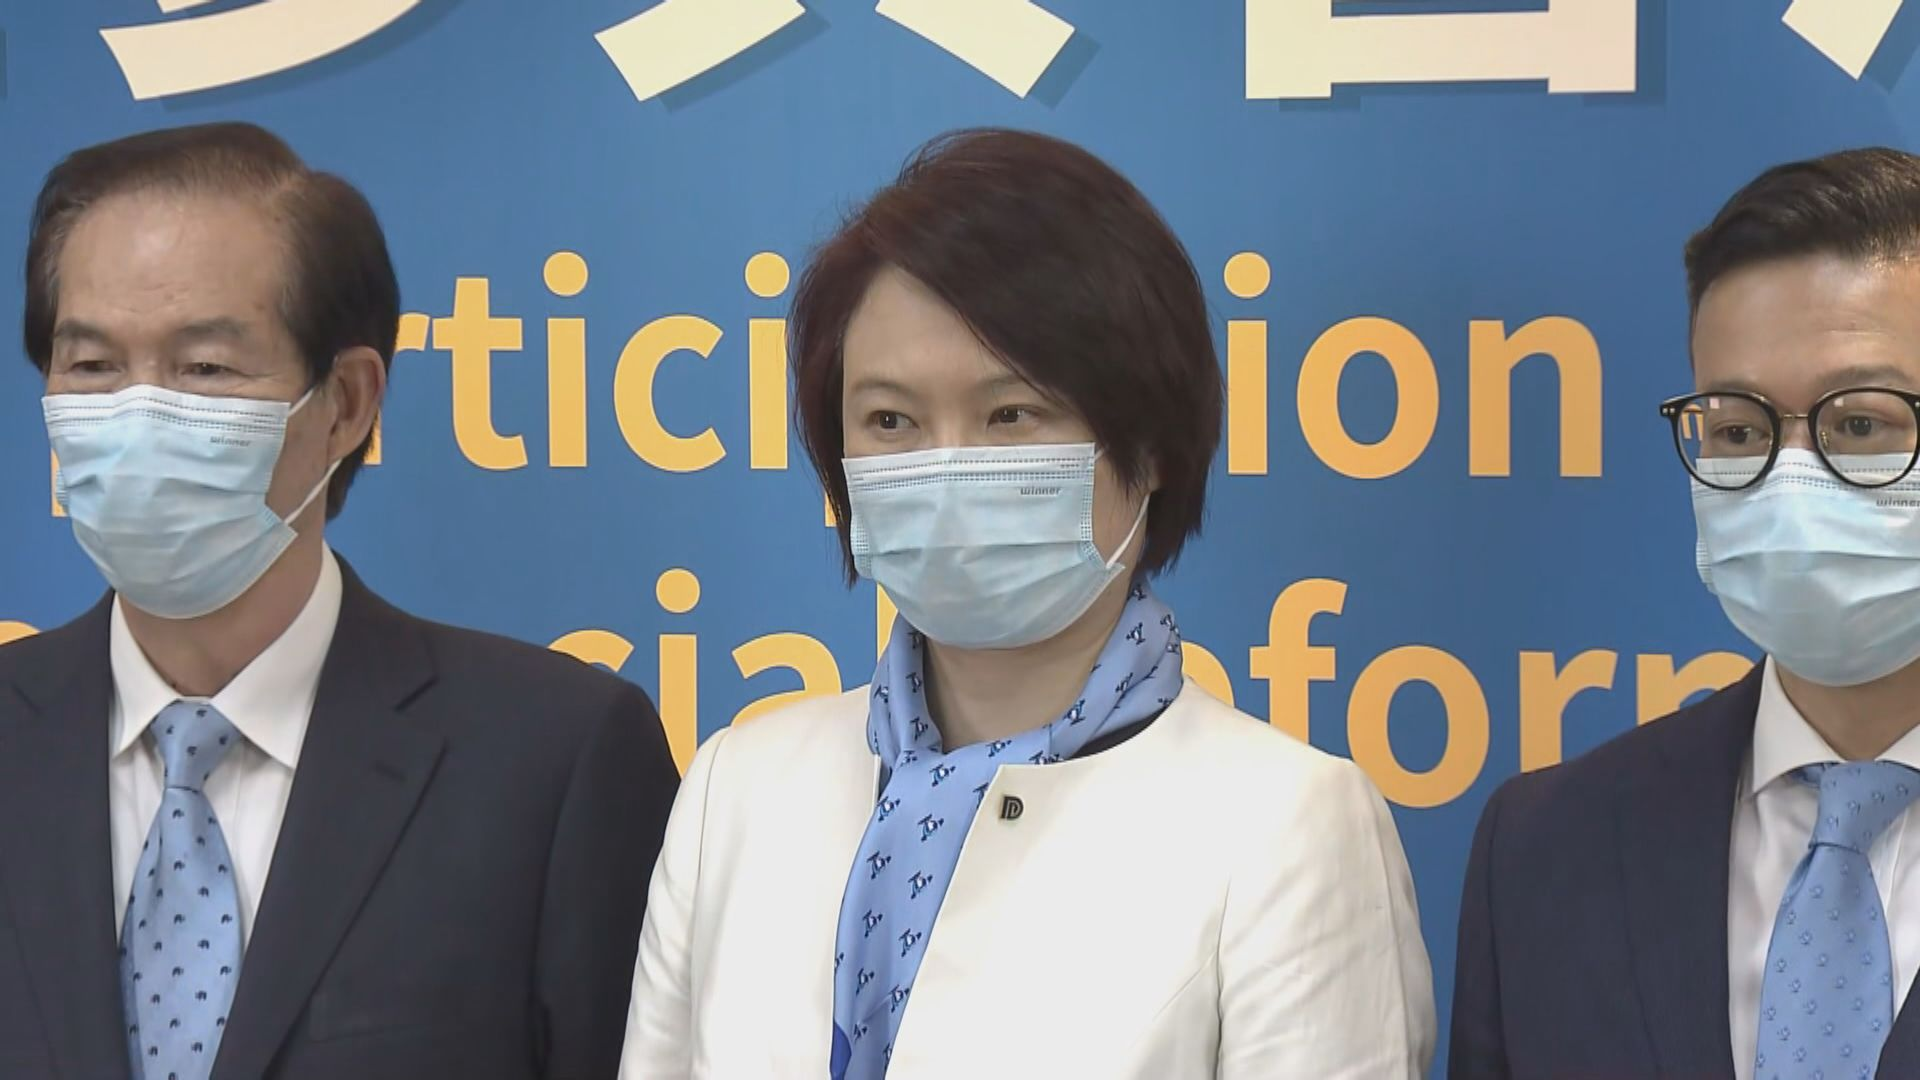 李慧琼建議分拆政策局及增加政治問責職位